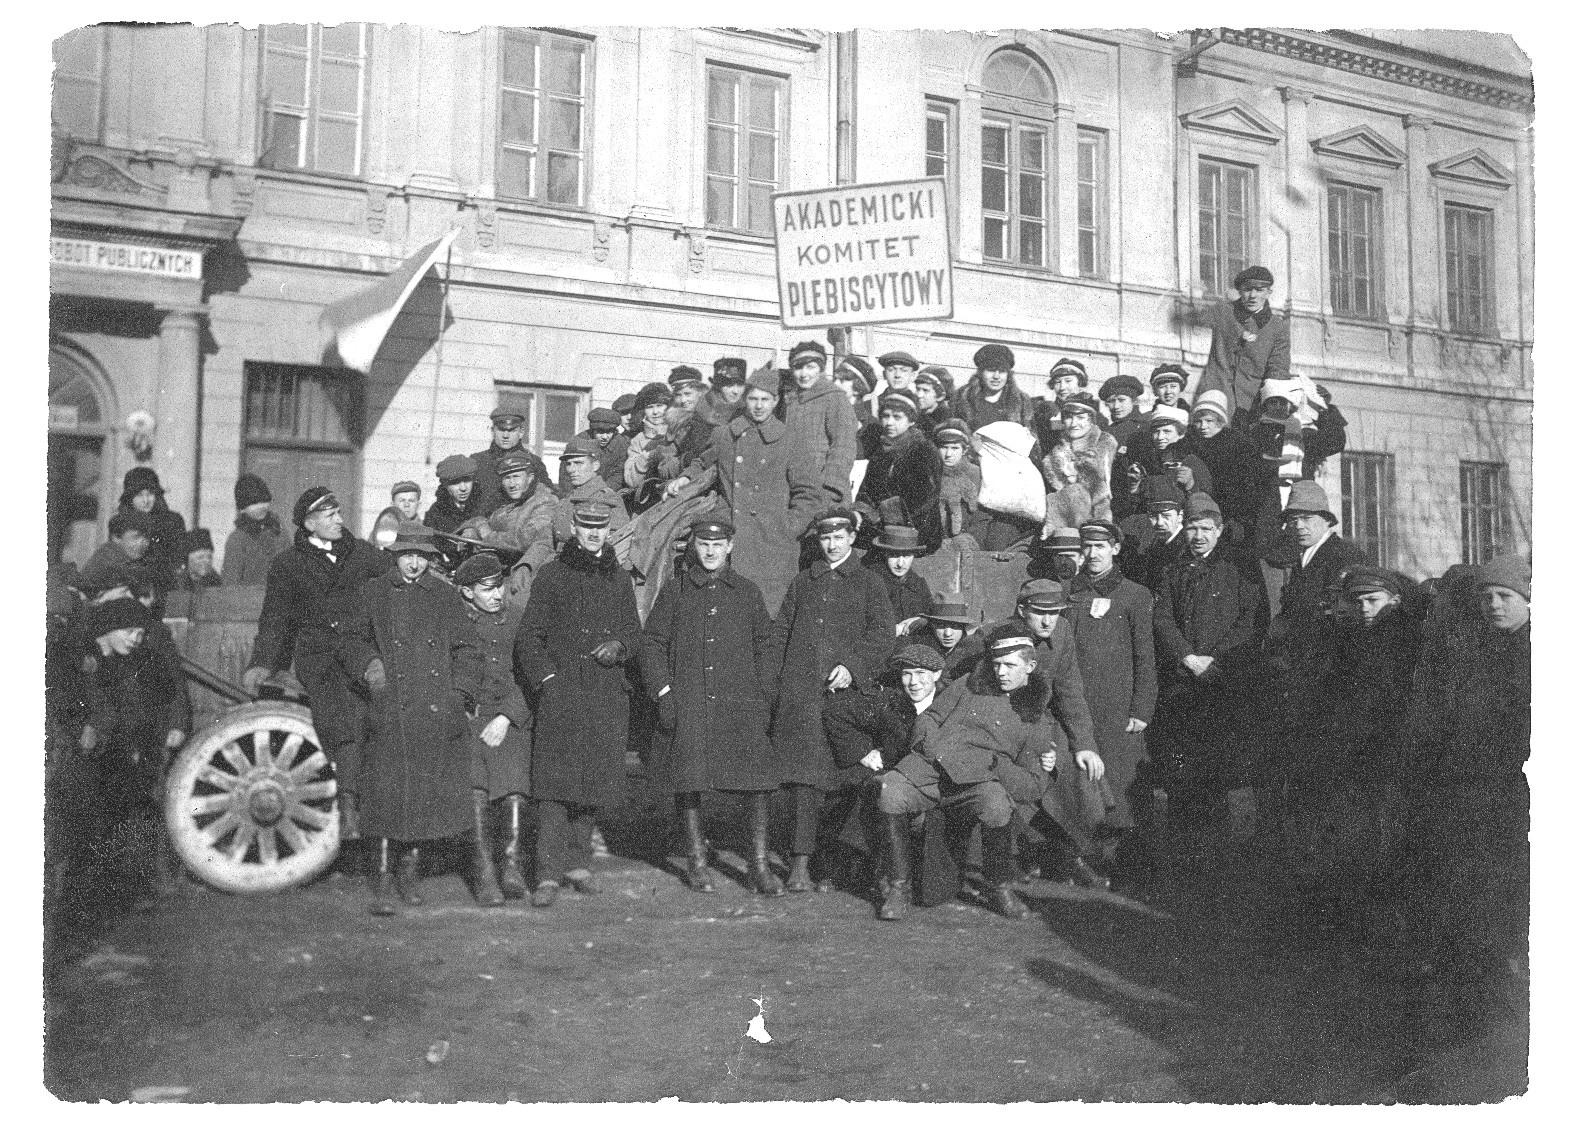 Zdjęcie z historią [12] Akademicki Komitet Plebiscytowy